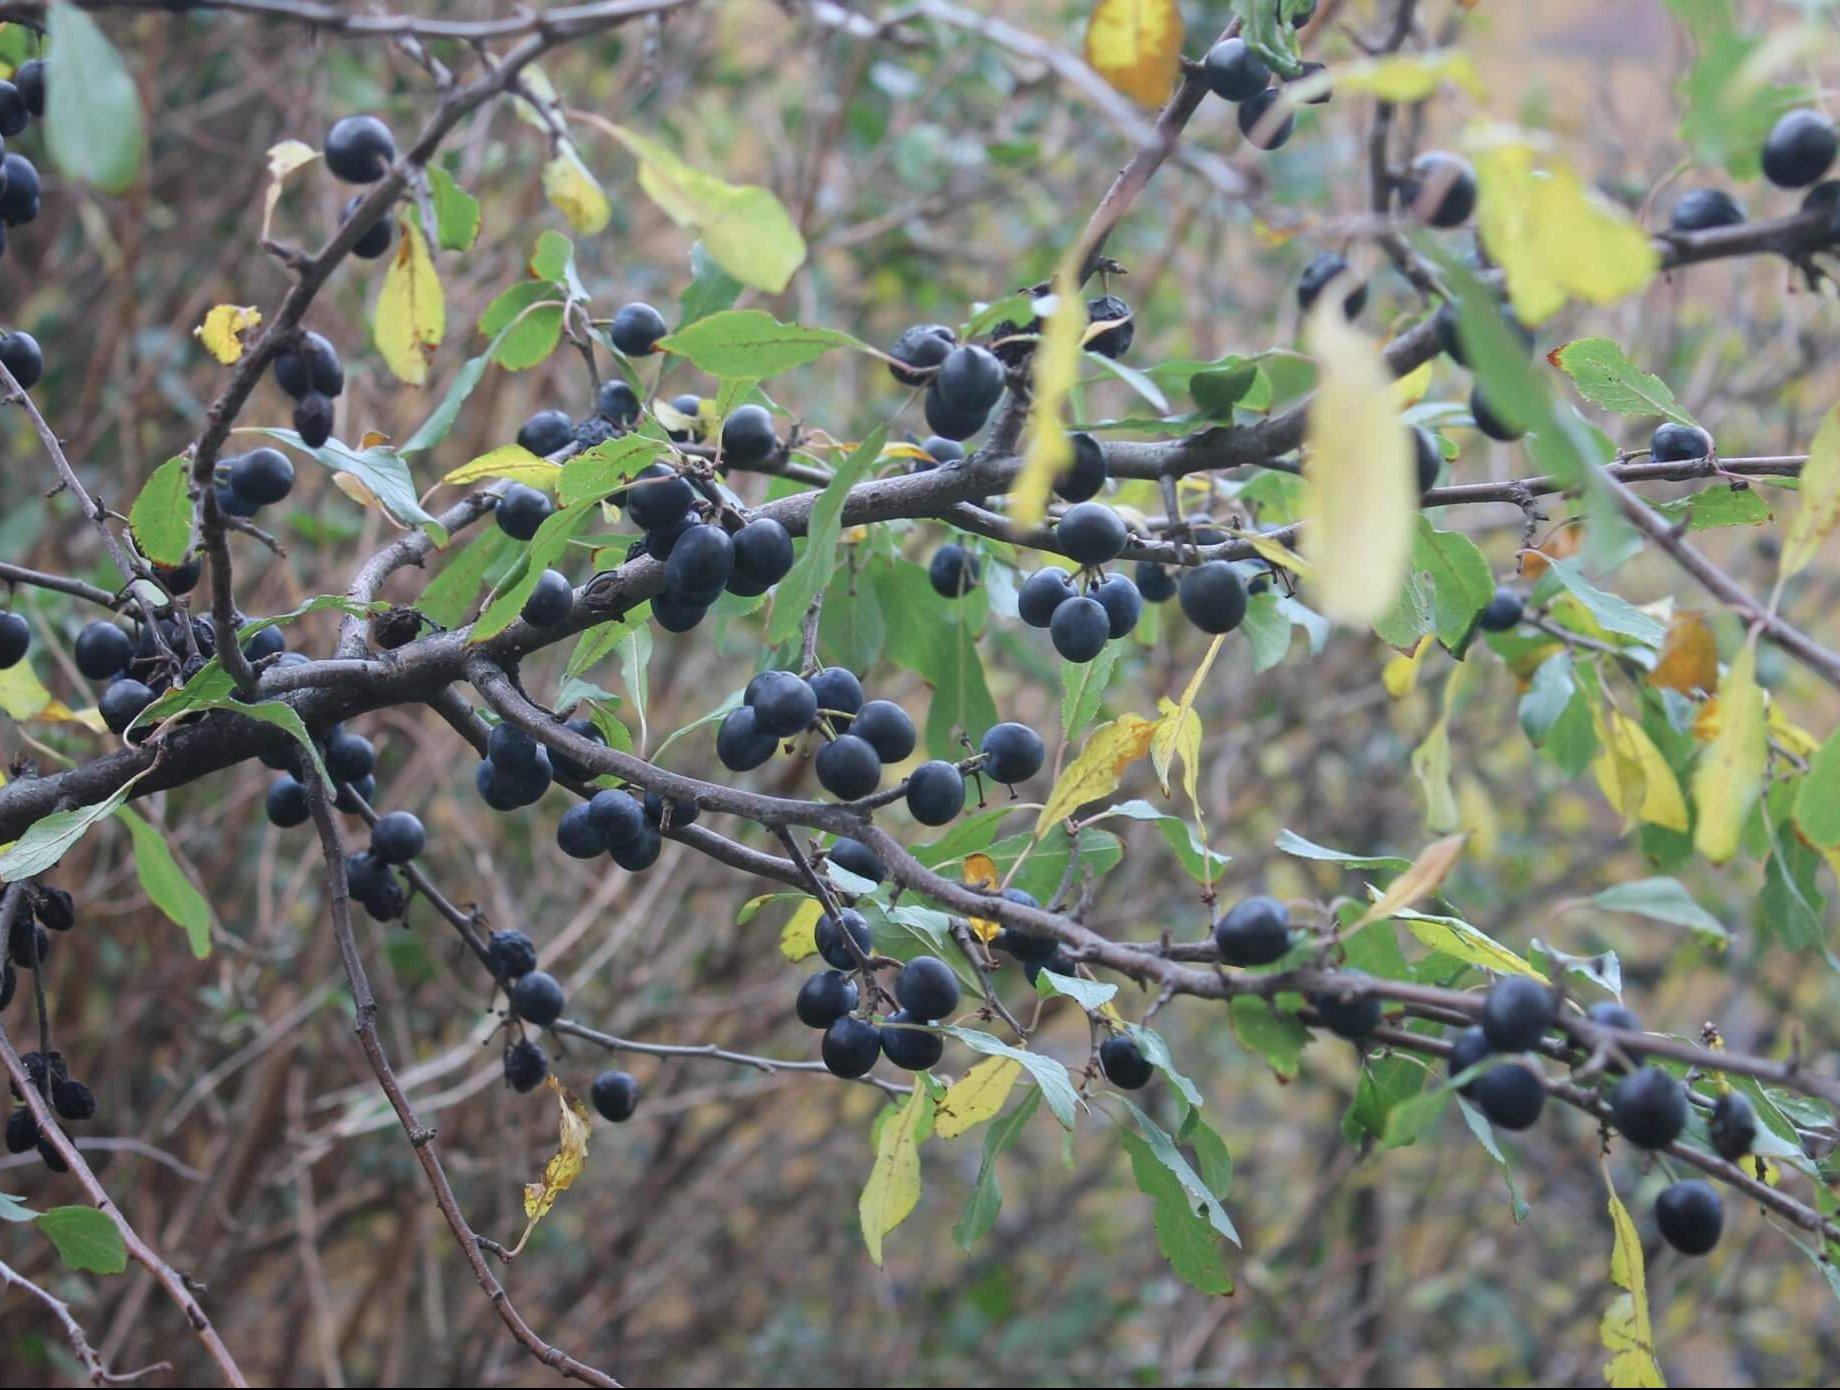 Das Bild zeigt die kleinen, etwa 2 cm messenden Steinfrüchte des Schlehdorns an einem Strauch im Kosmosviertel. Sie sind, hier Ende Oktober, schwarz und leicht bereift, was ihnen einen bläulichen Ton verleiht.